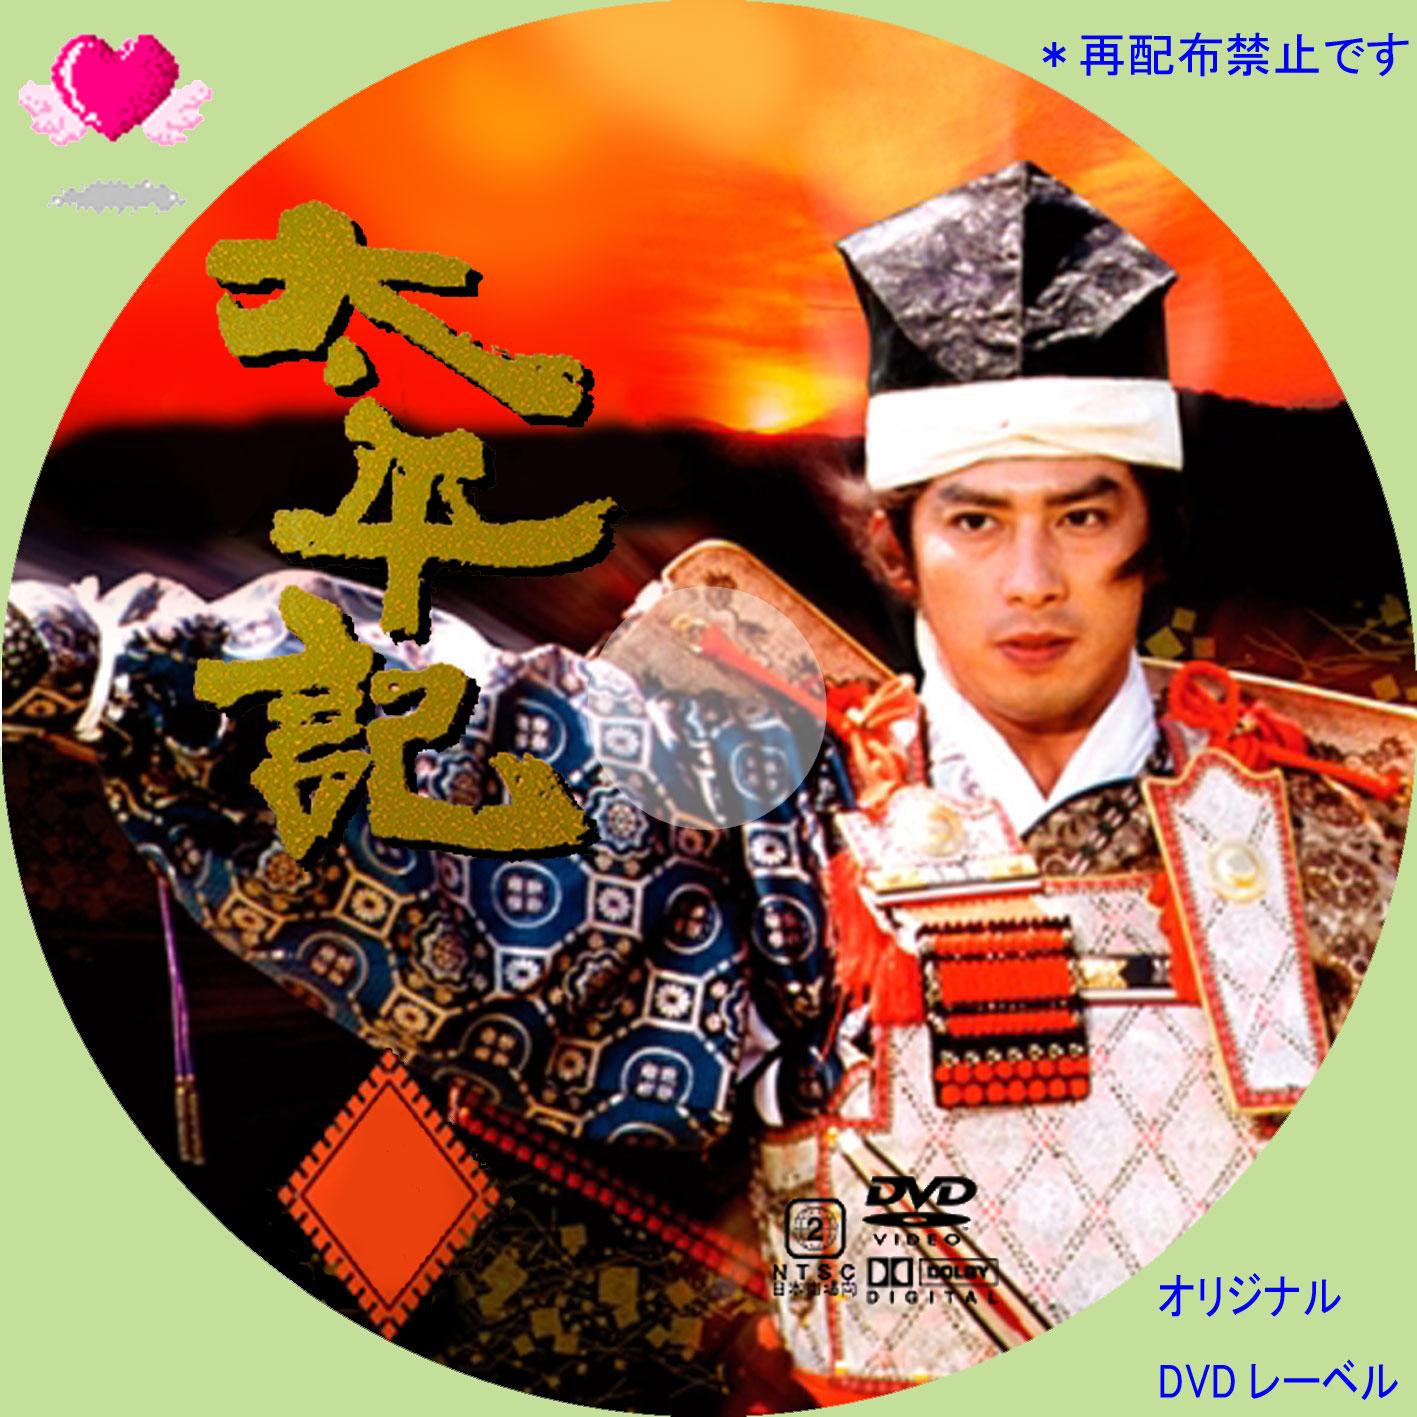 太平記 (NHK大河ドラマ)の画像 p1_19